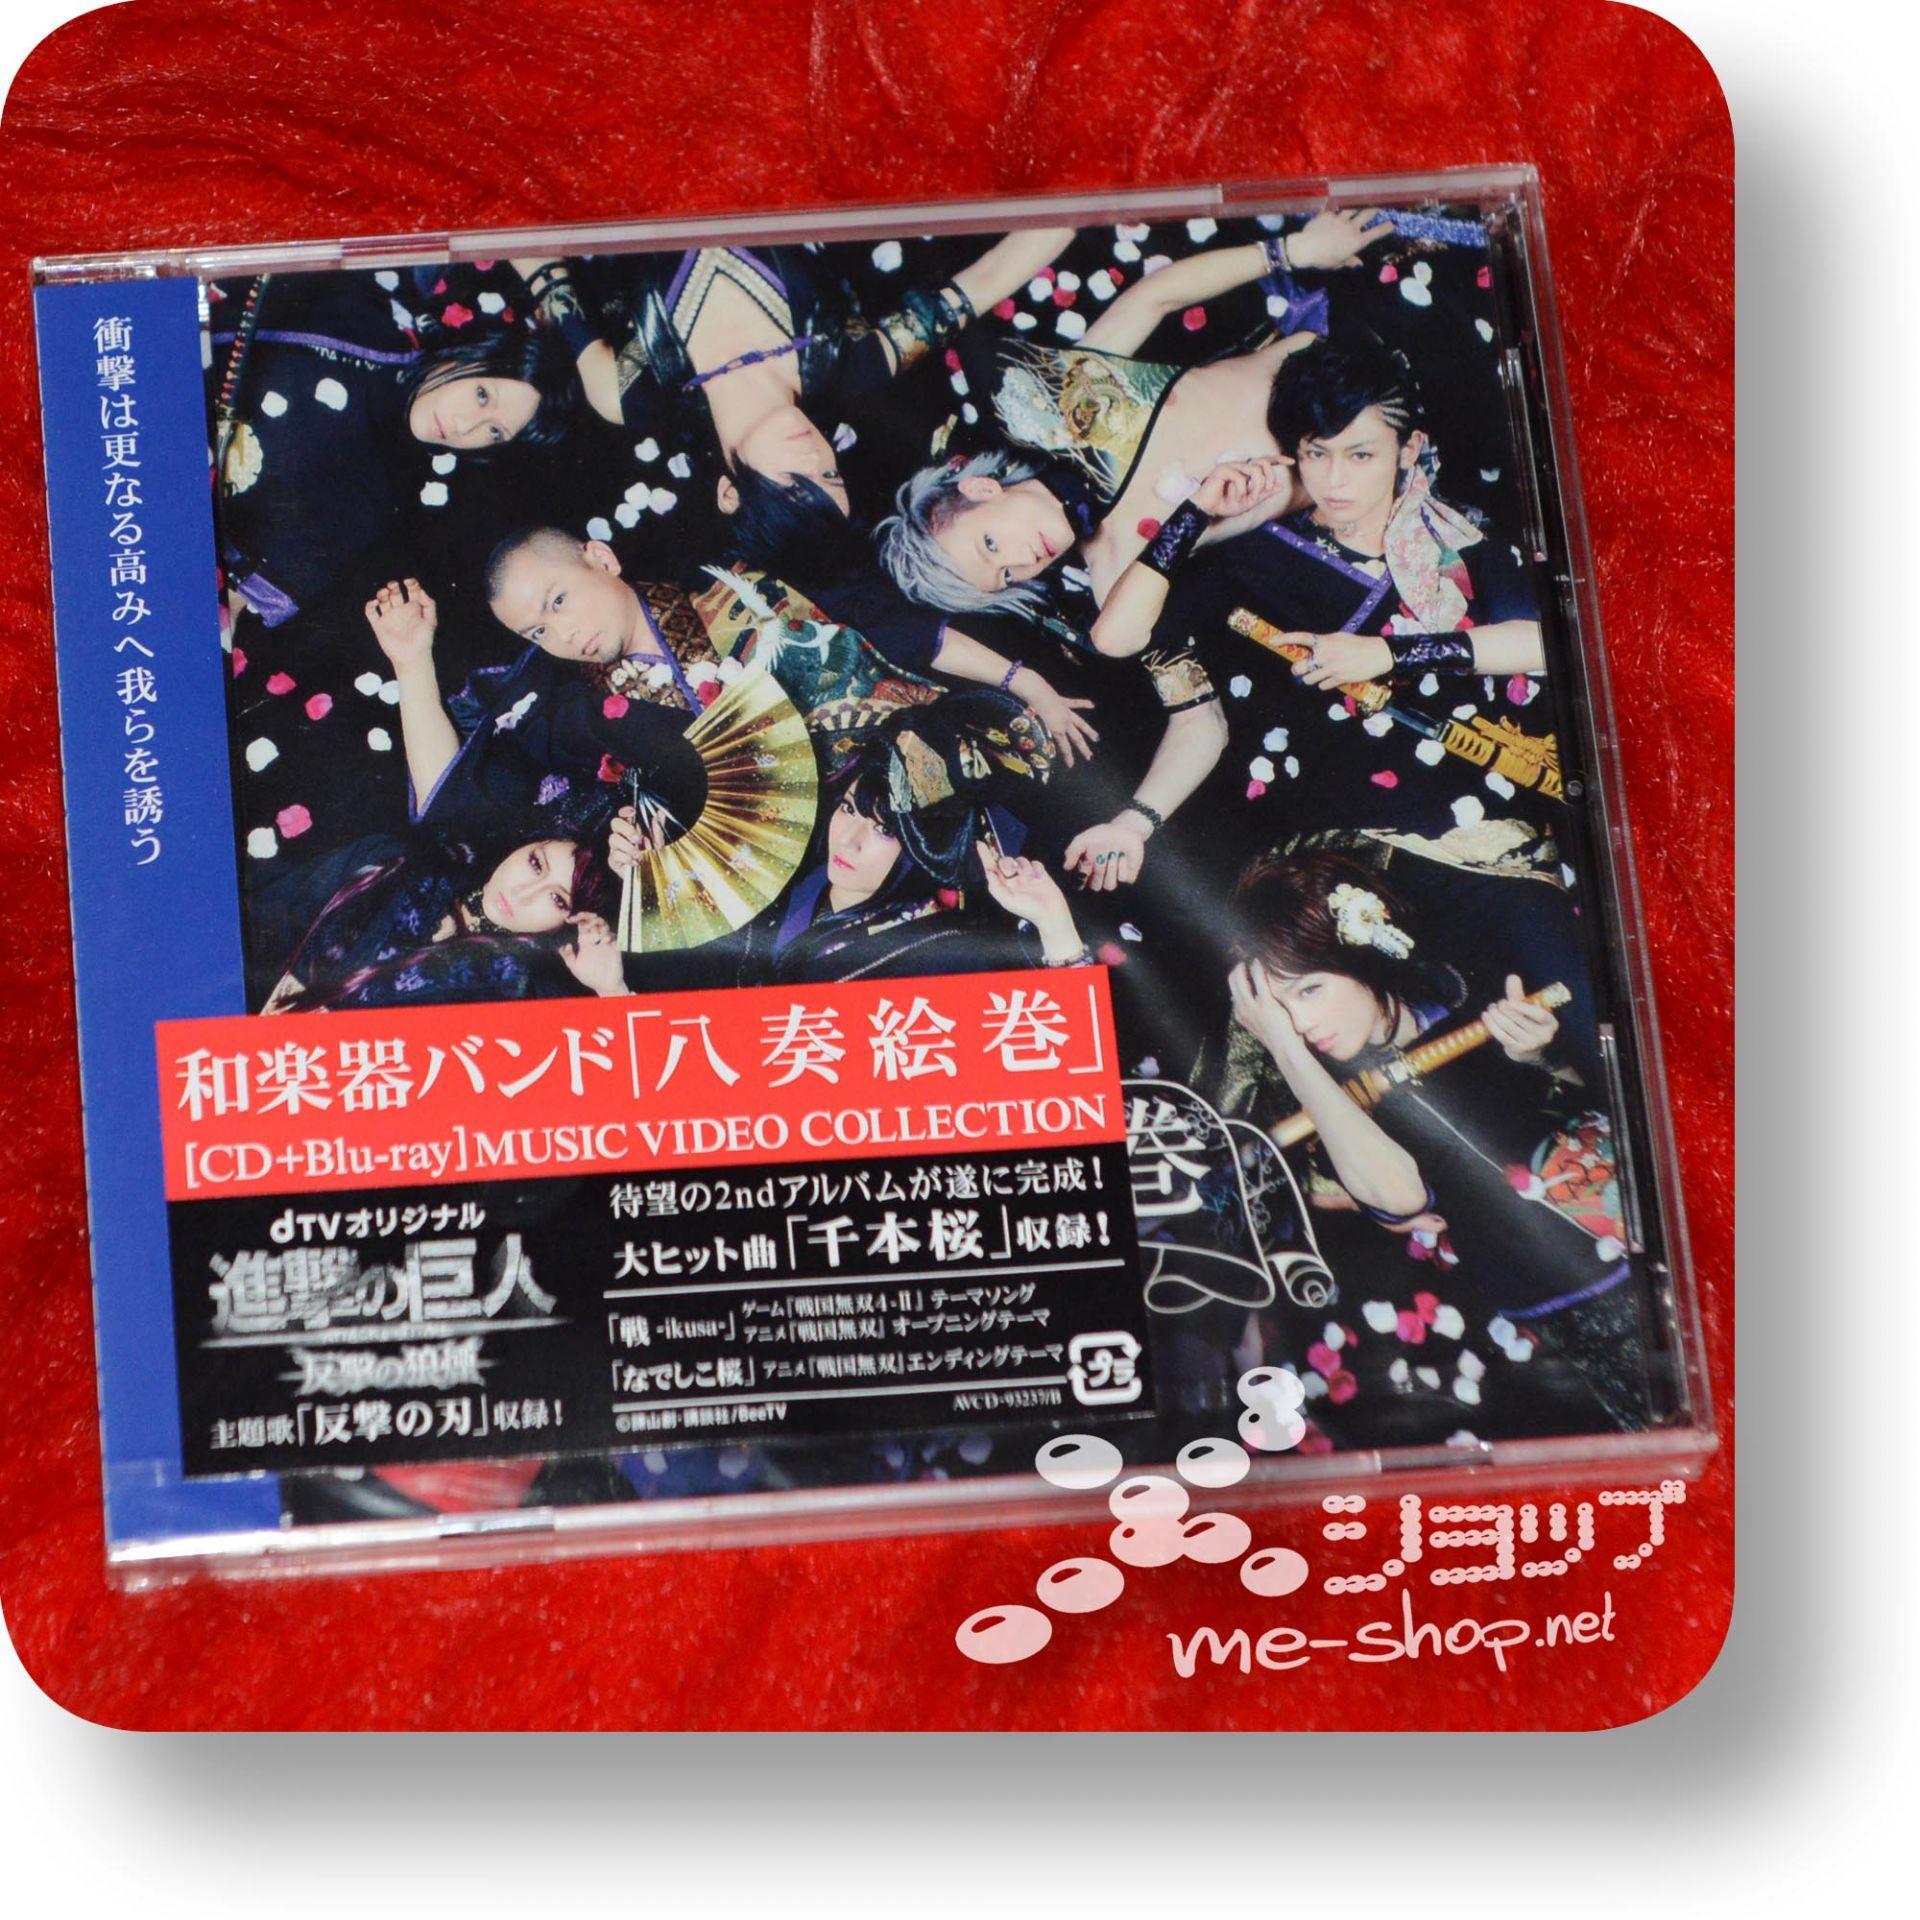 wagakki band yasouemaki cd+bd music video